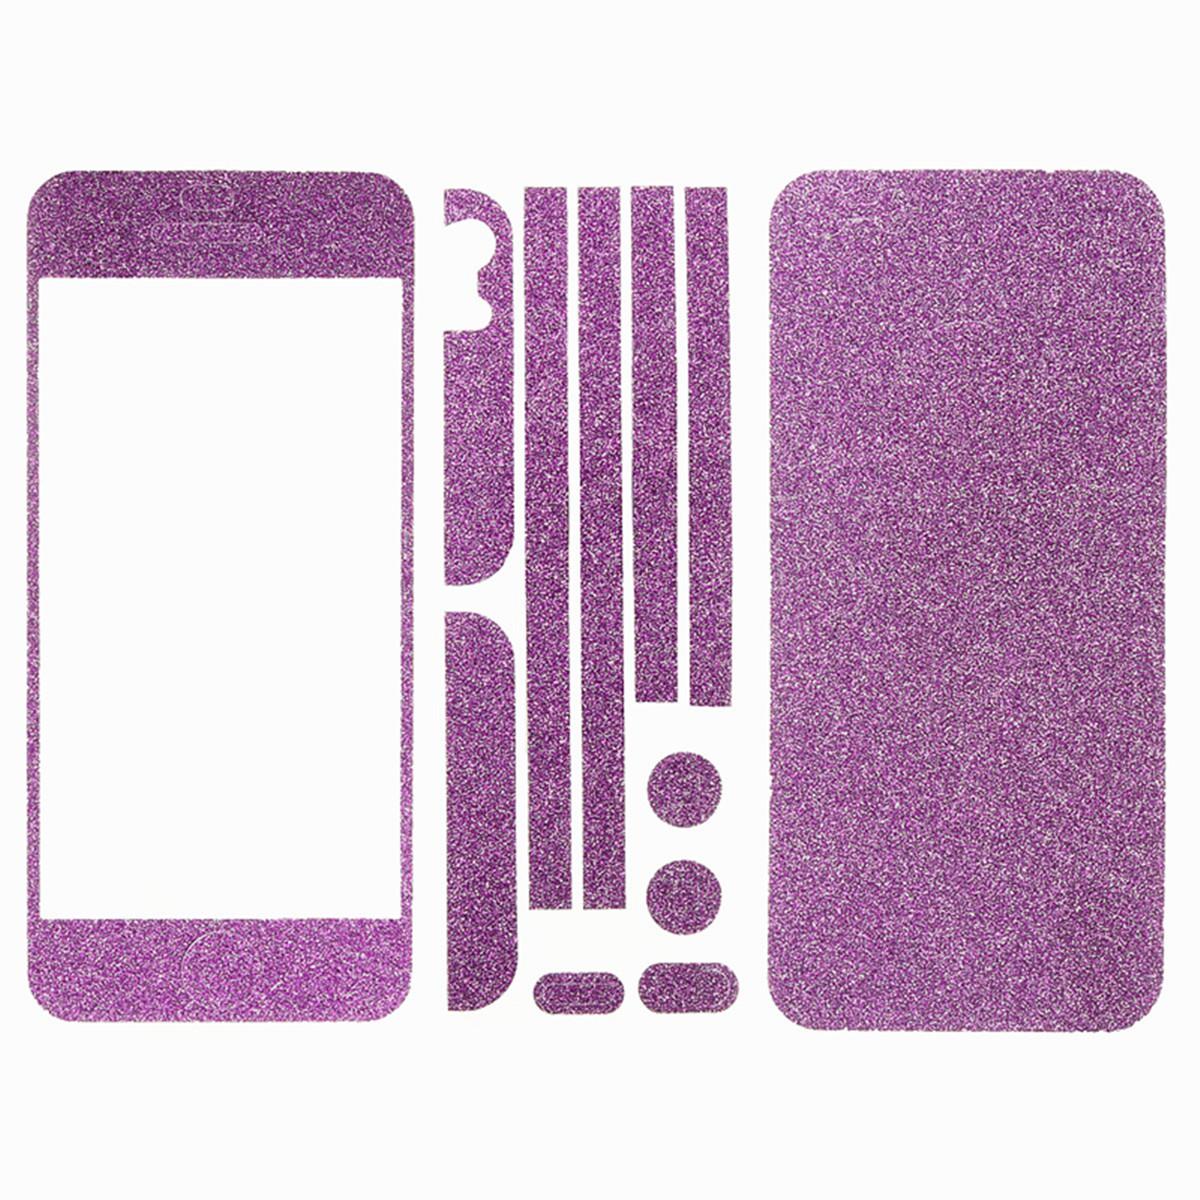 glitzer bling strass schutzfolie sticker aufkleber case. Black Bedroom Furniture Sets. Home Design Ideas